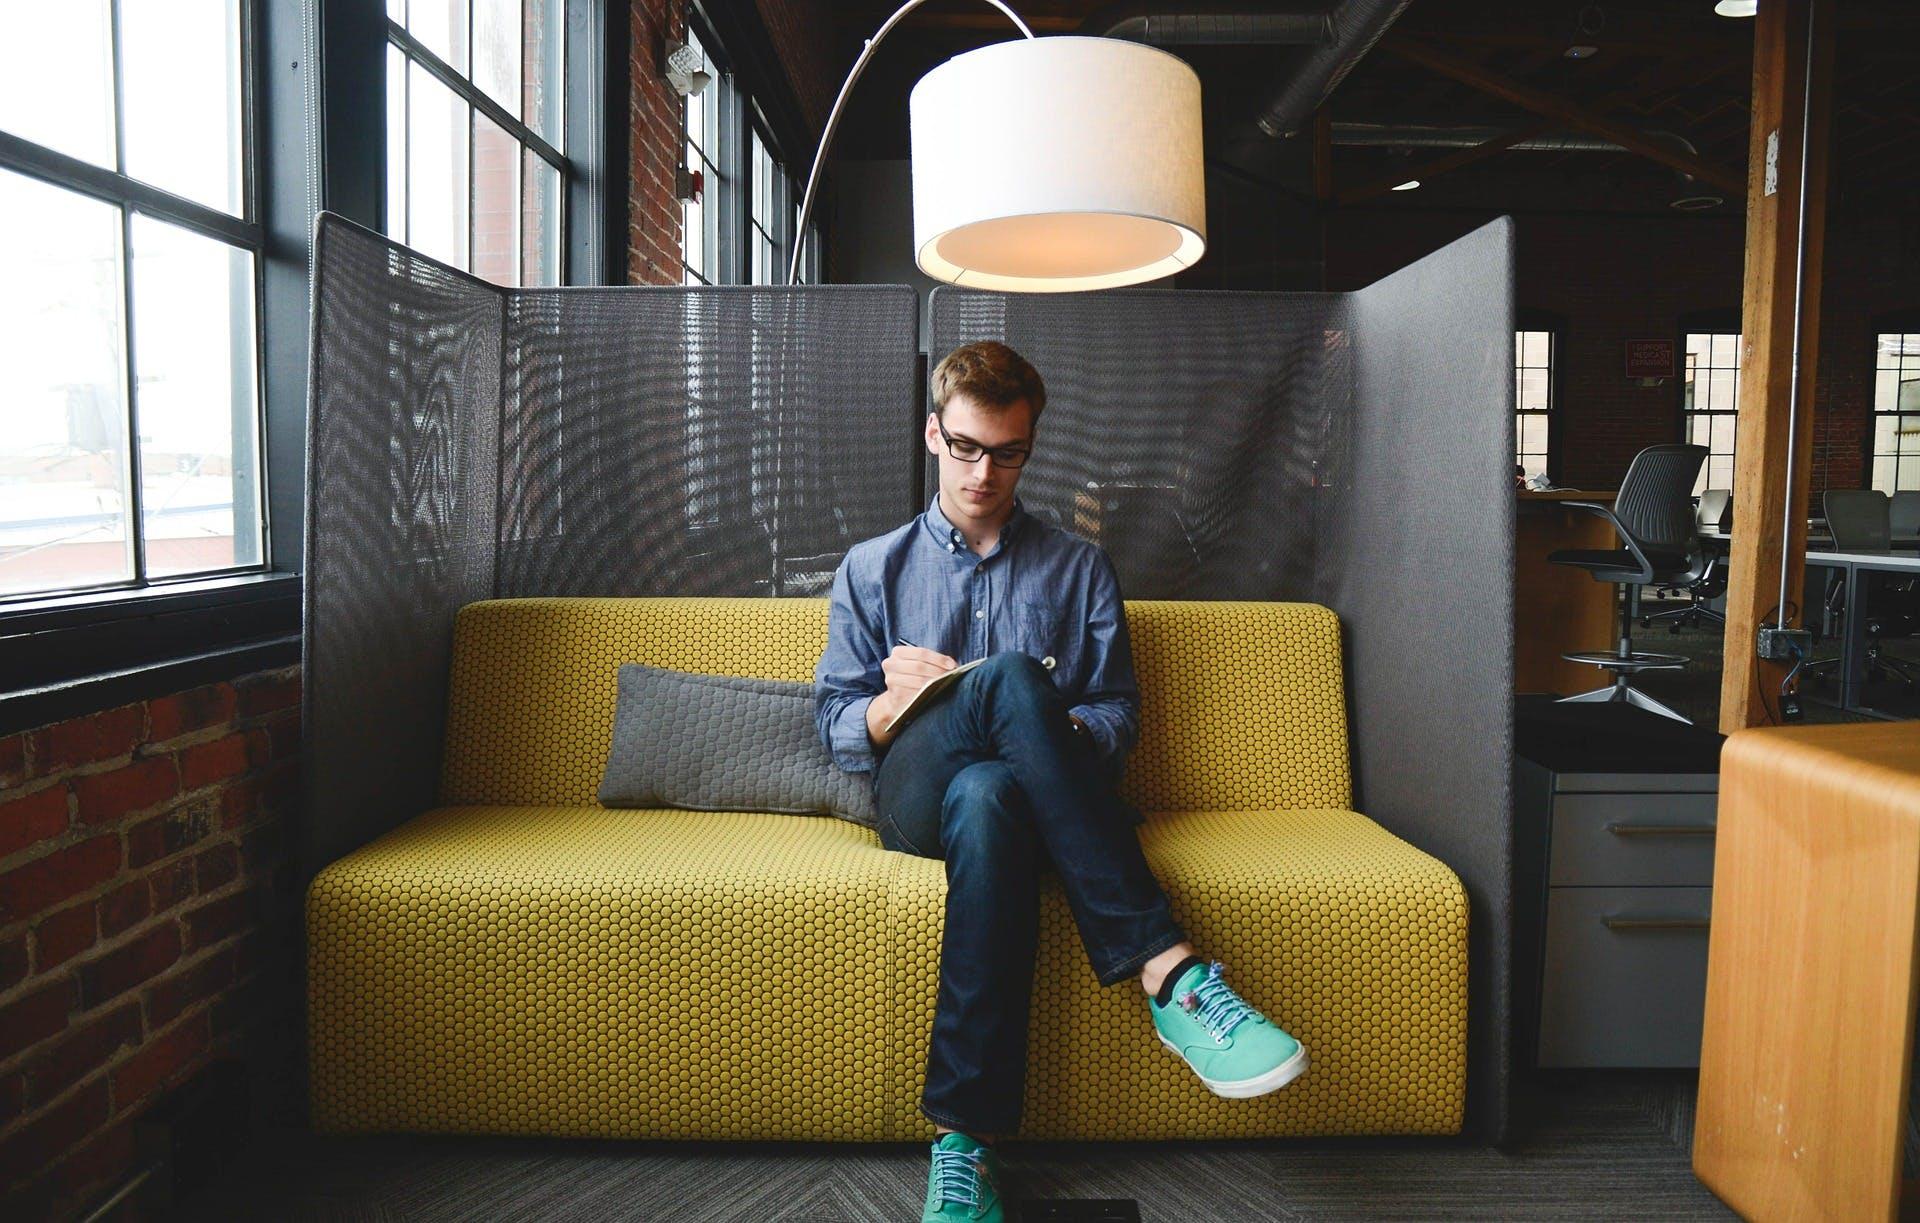 Titelbild-Konzentriertes-Arbeiten-Unternehmer-start-start-up-mann-593359-pixabay-StartupStockPhotos